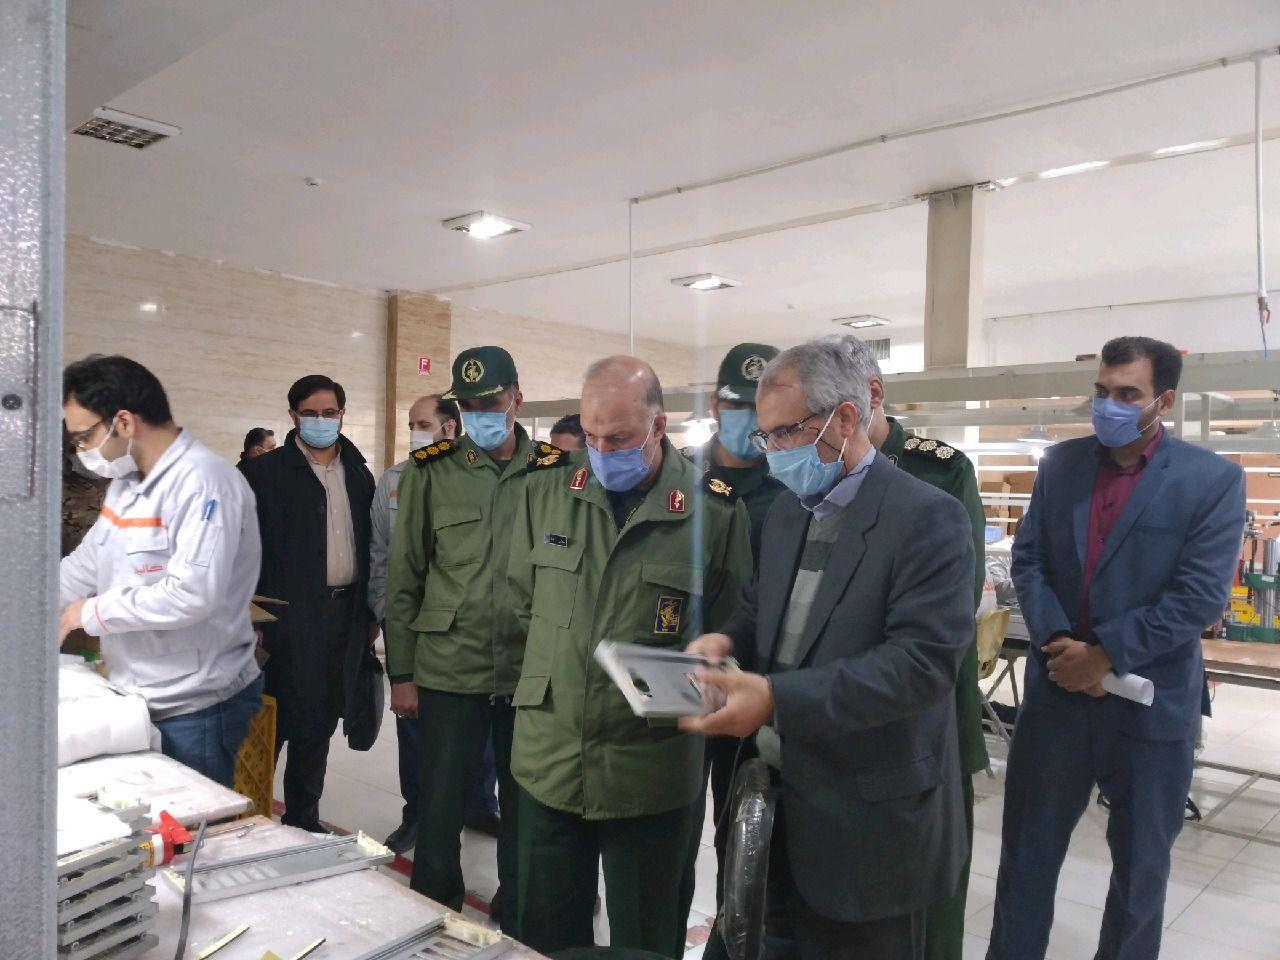 افتتاح پایگاه بسیج سردار شهید علی منتظرین در شهرک صنعتی اشترجان